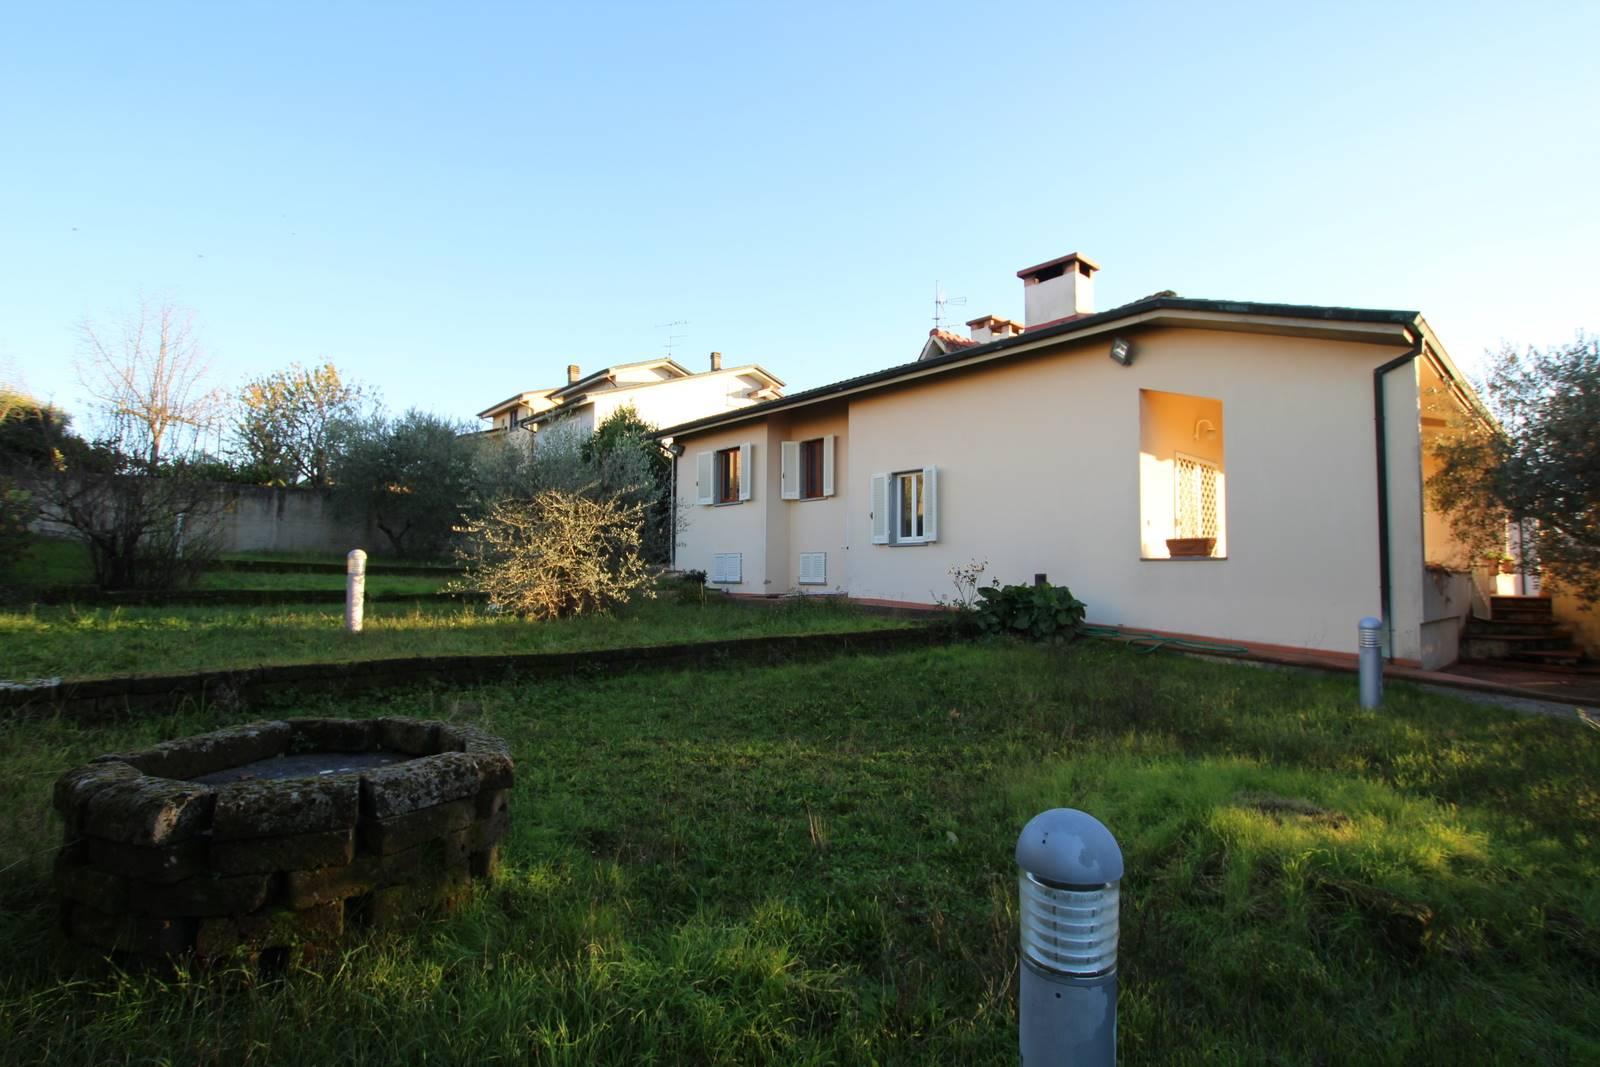 CERRETO GUIDI, Villa zu verkaufen von 250 Qm, Beste ausstattung, Heizung Unabhaengig, Energie-klasse: G, Epi: 276 kwh/m2 jahr, am boden Angehoben auf